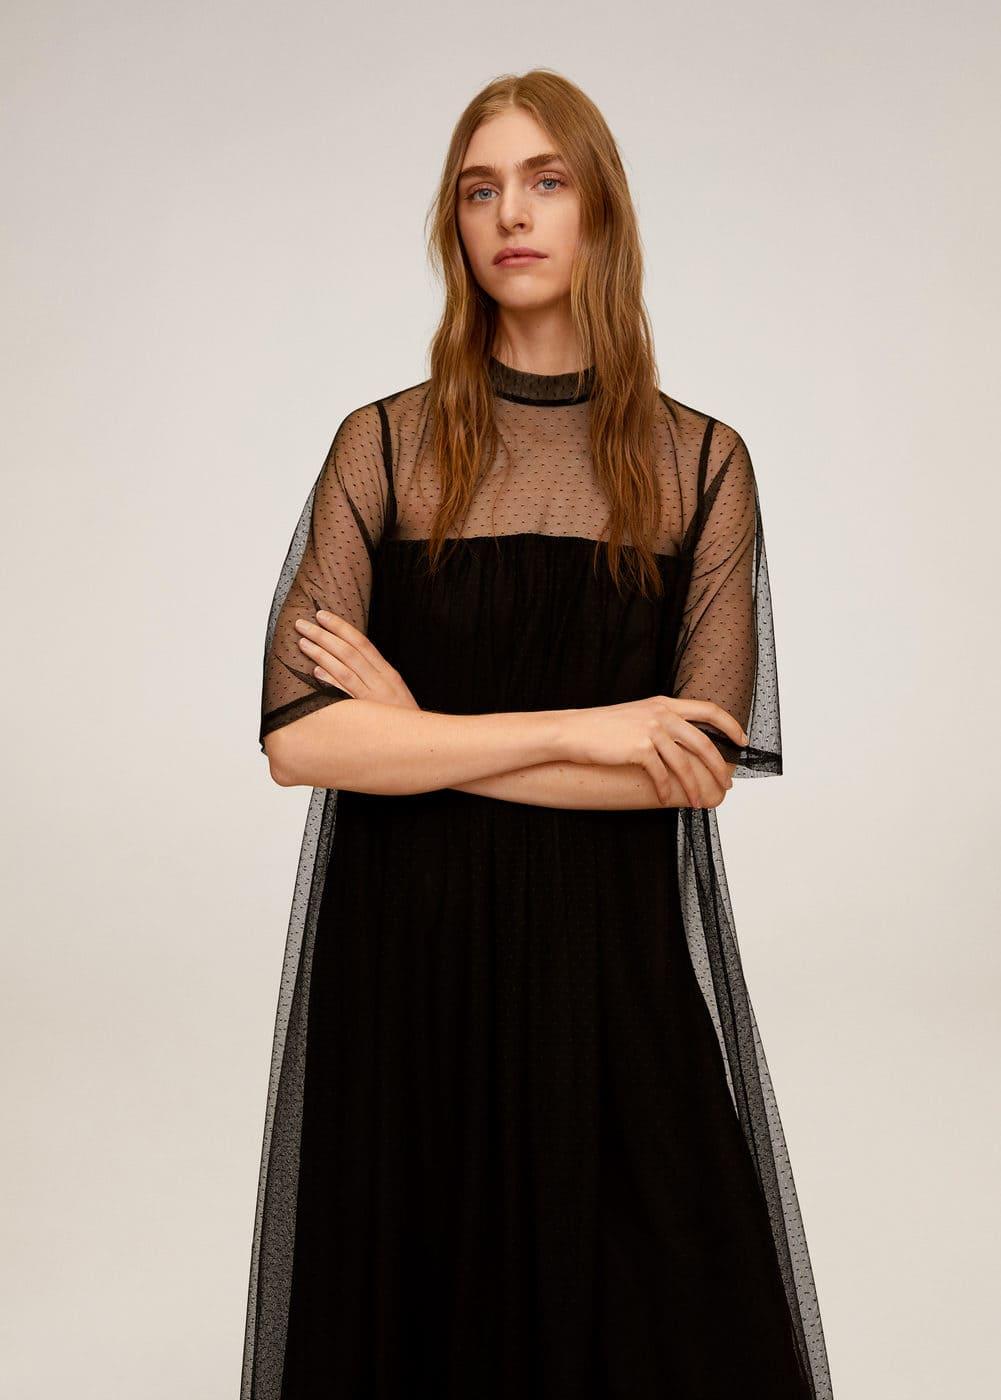 Платье из полупрозрачной ткани в крапинку -  Женская | Mango МАНГО Россия (Российская Федерация)